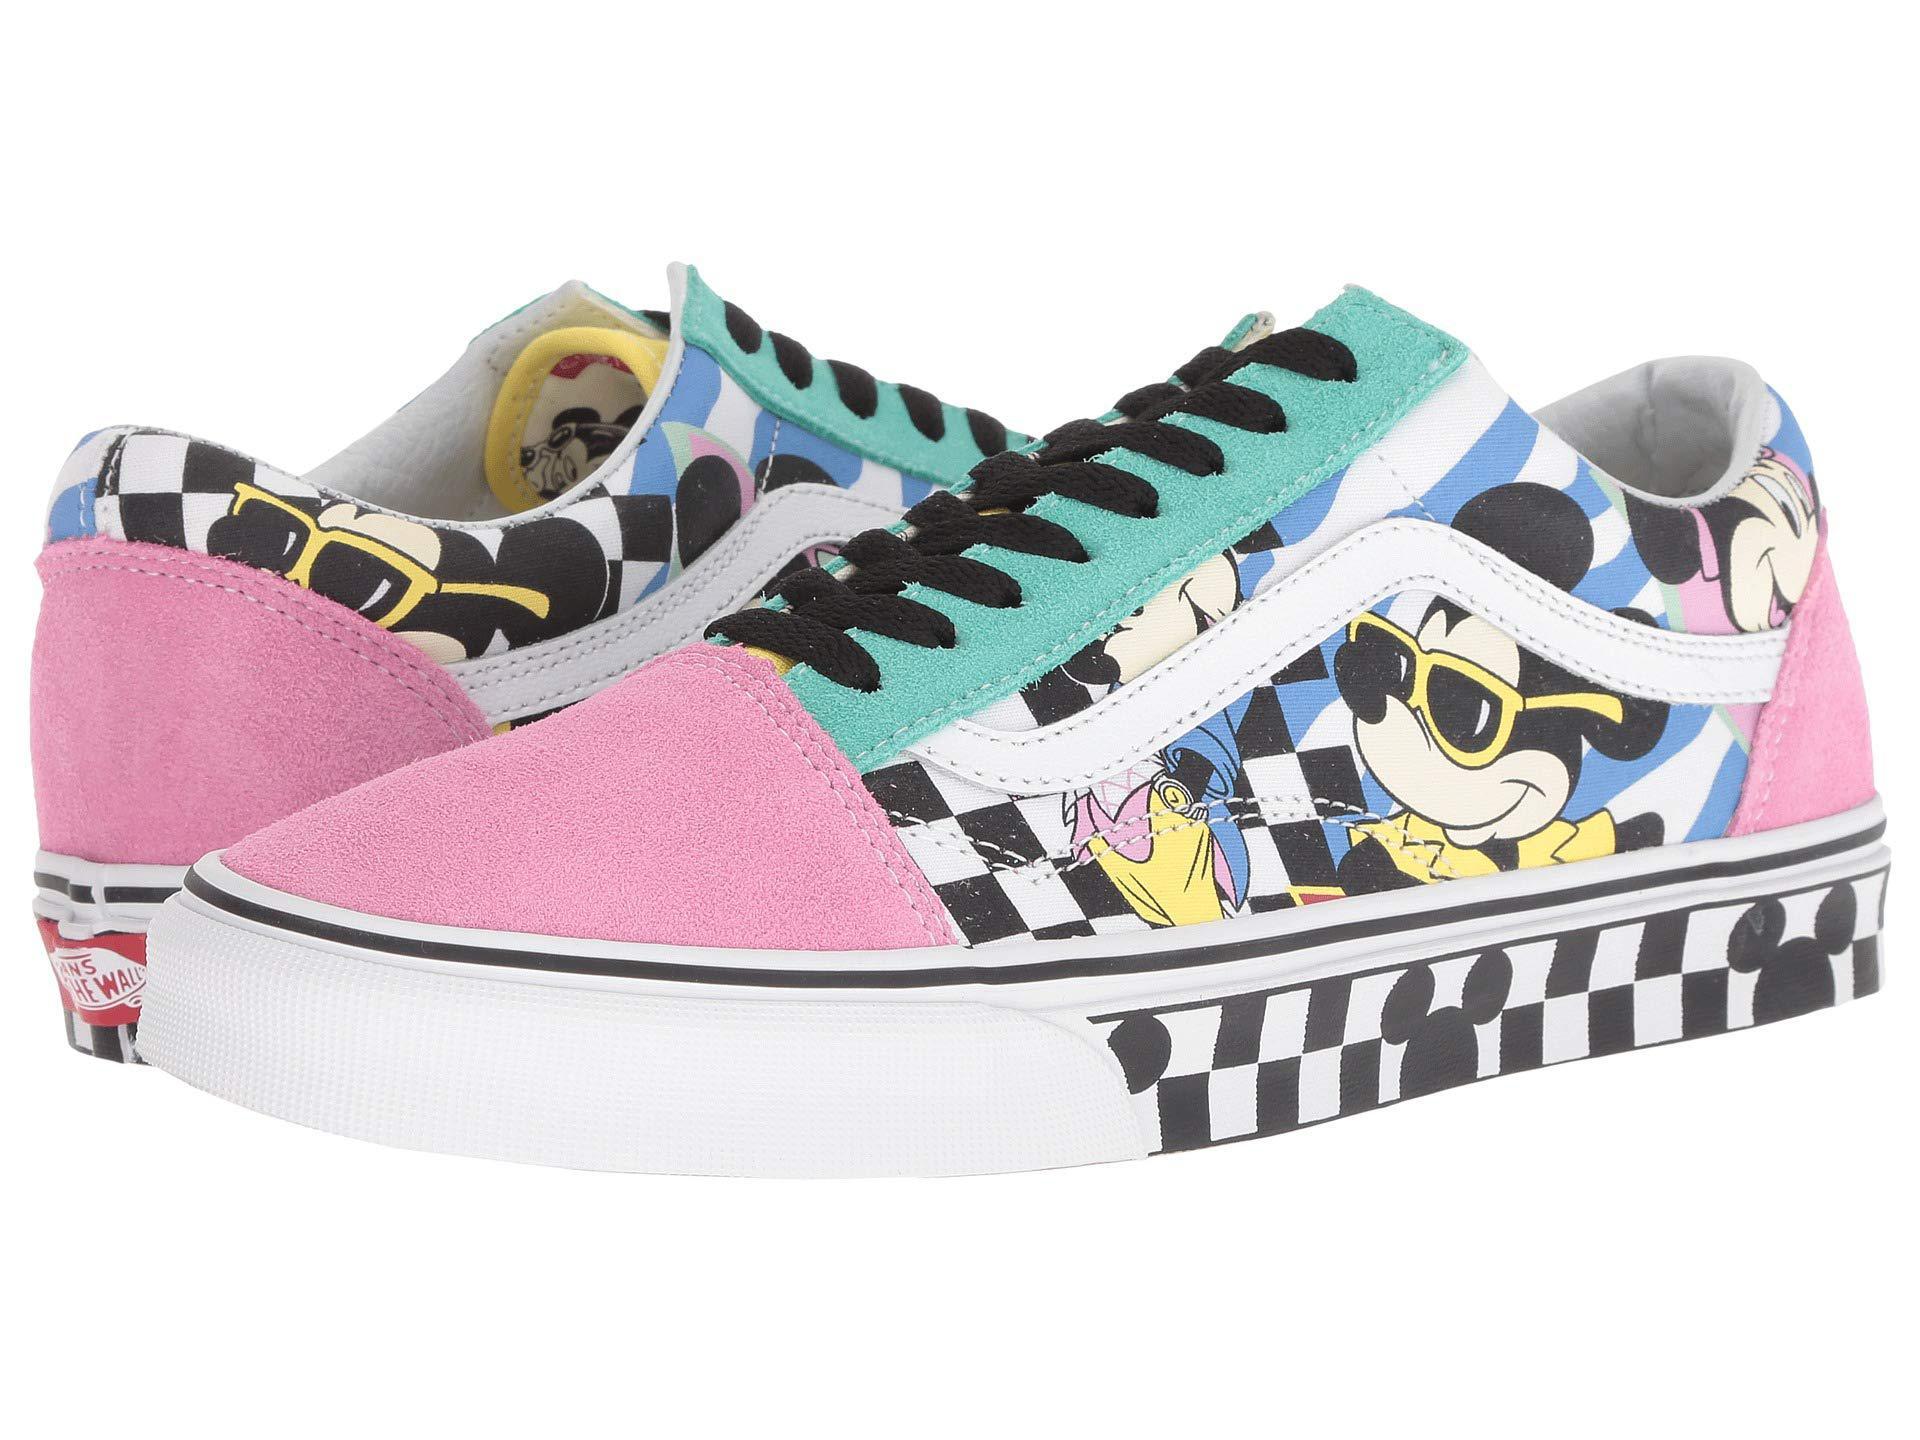 NEW VANS X Disney Mickey Mouse Old Skool Skate Sneakers